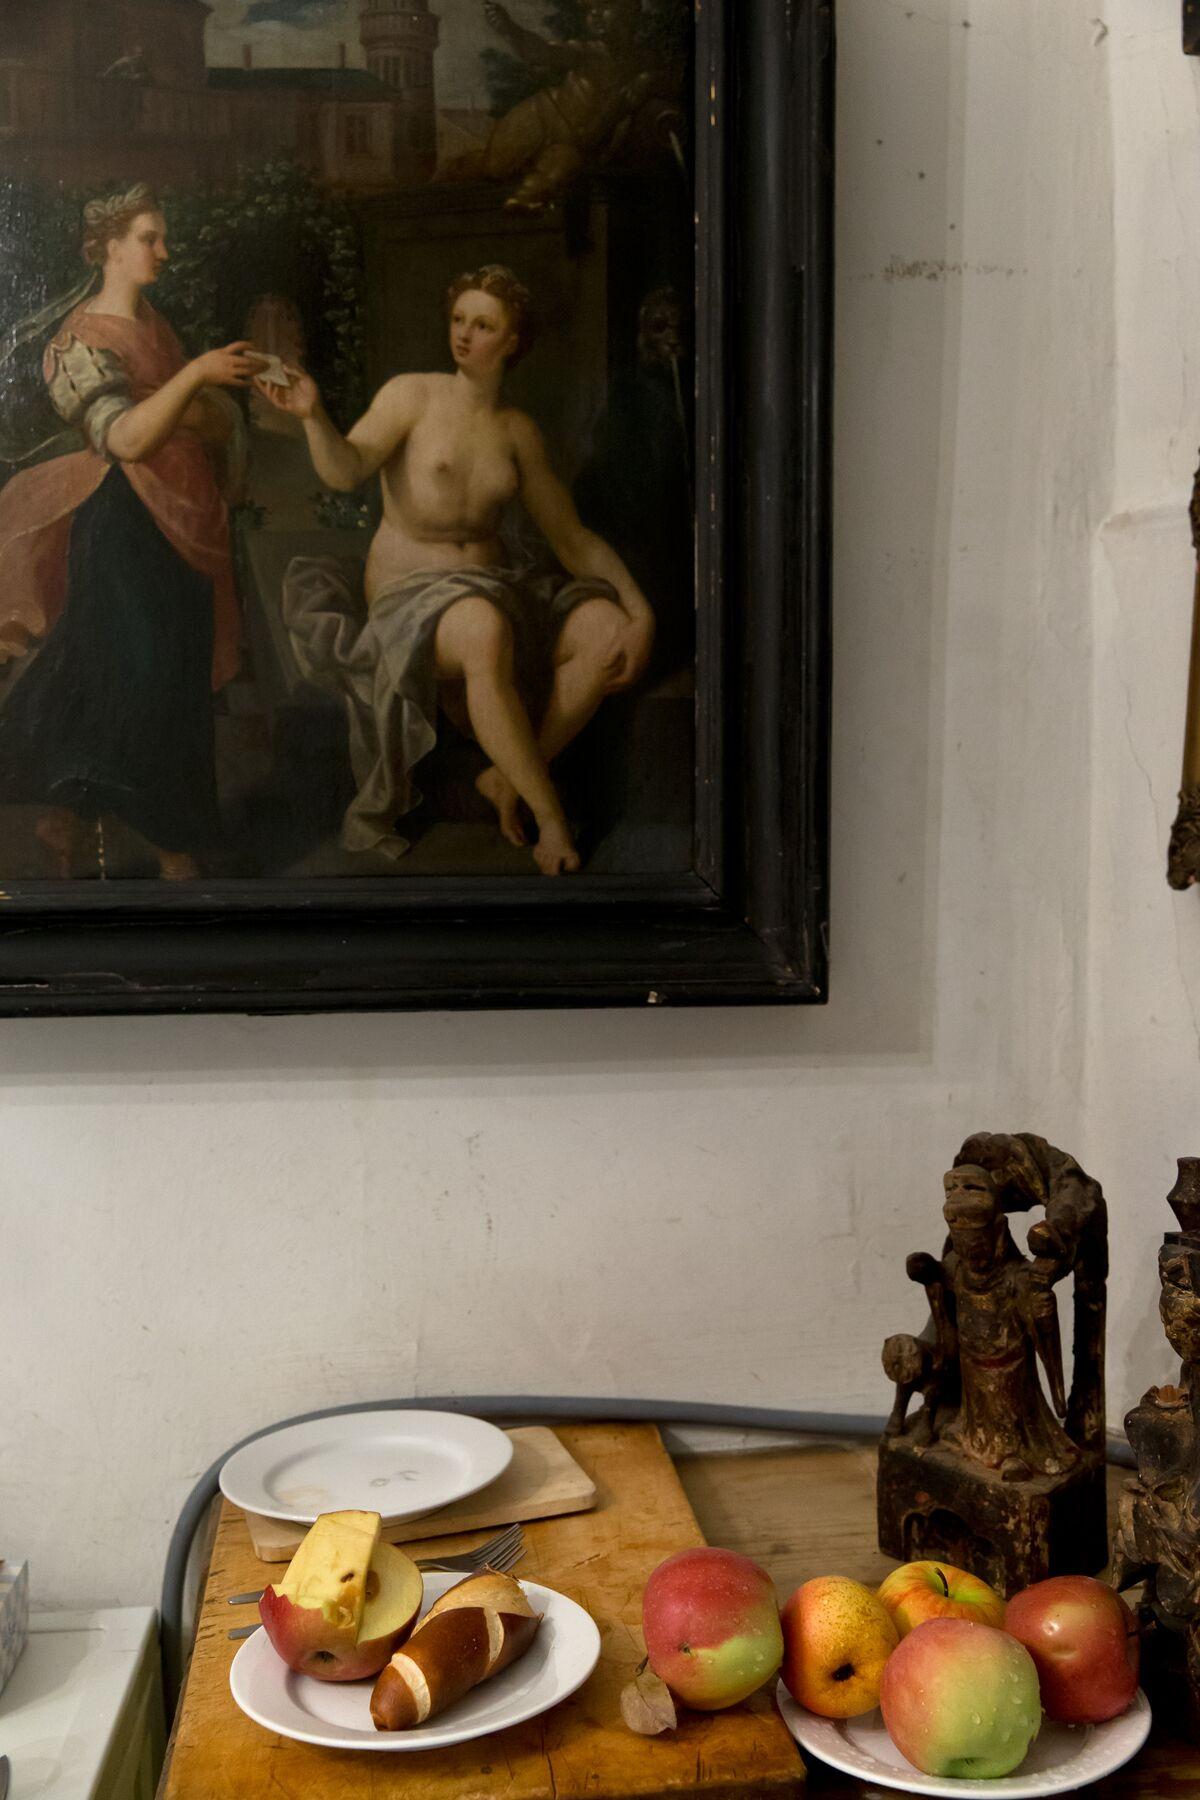 Markus Roessle Walter Vopava Kuenstler Maler abstrakt Malerei Oesterreich Atelier Aepfel